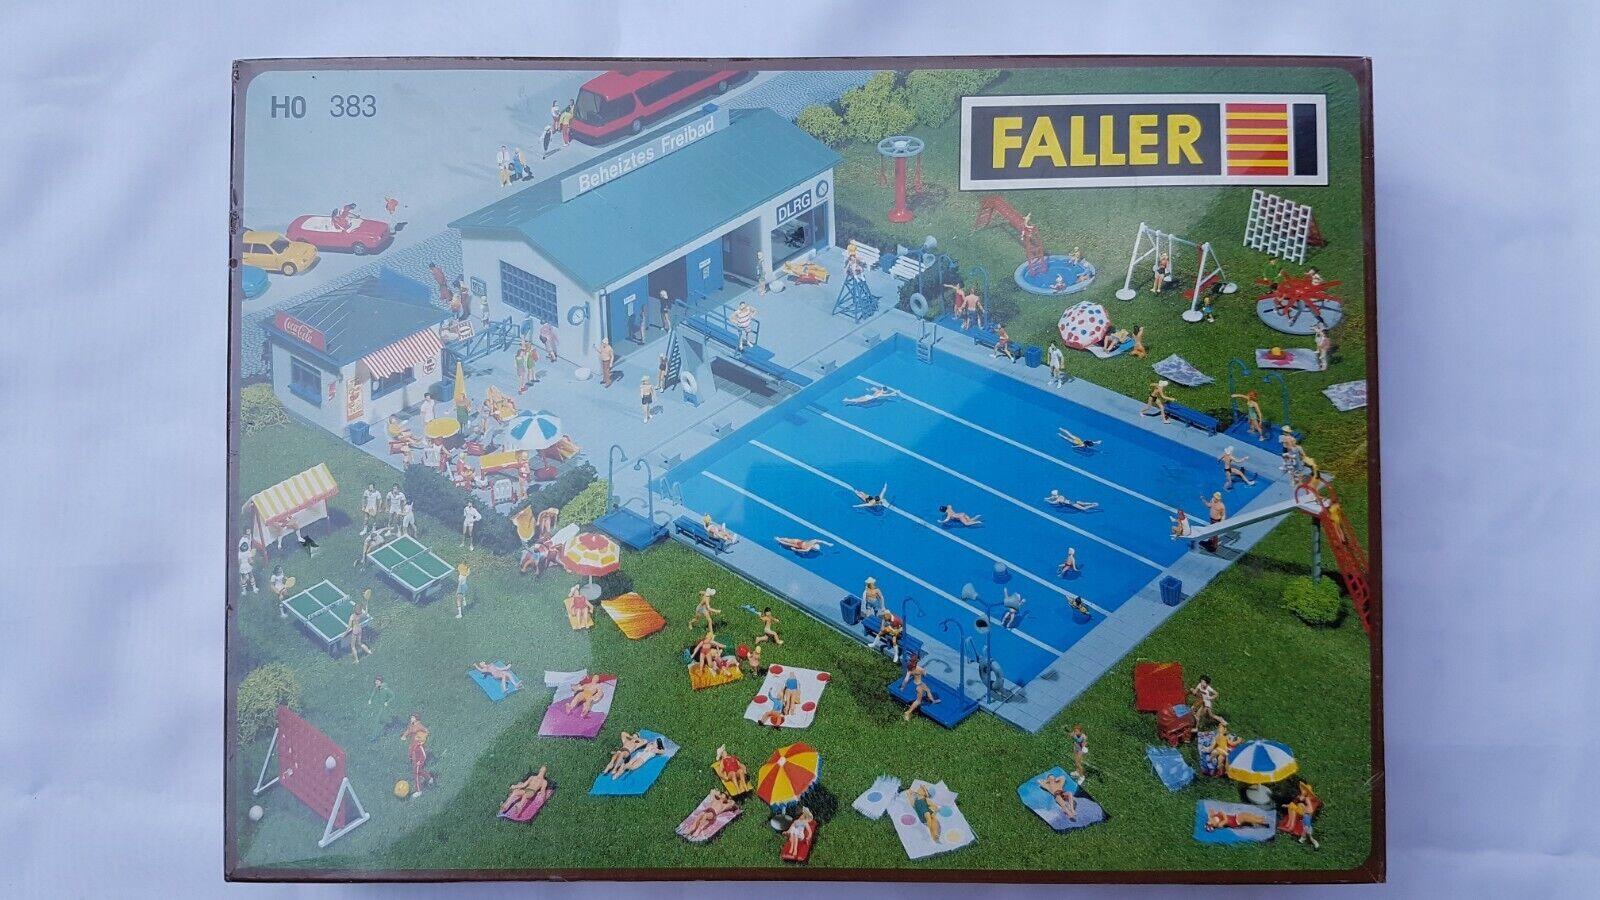 Faller h0 383 piscina pubblica in funzione OVP